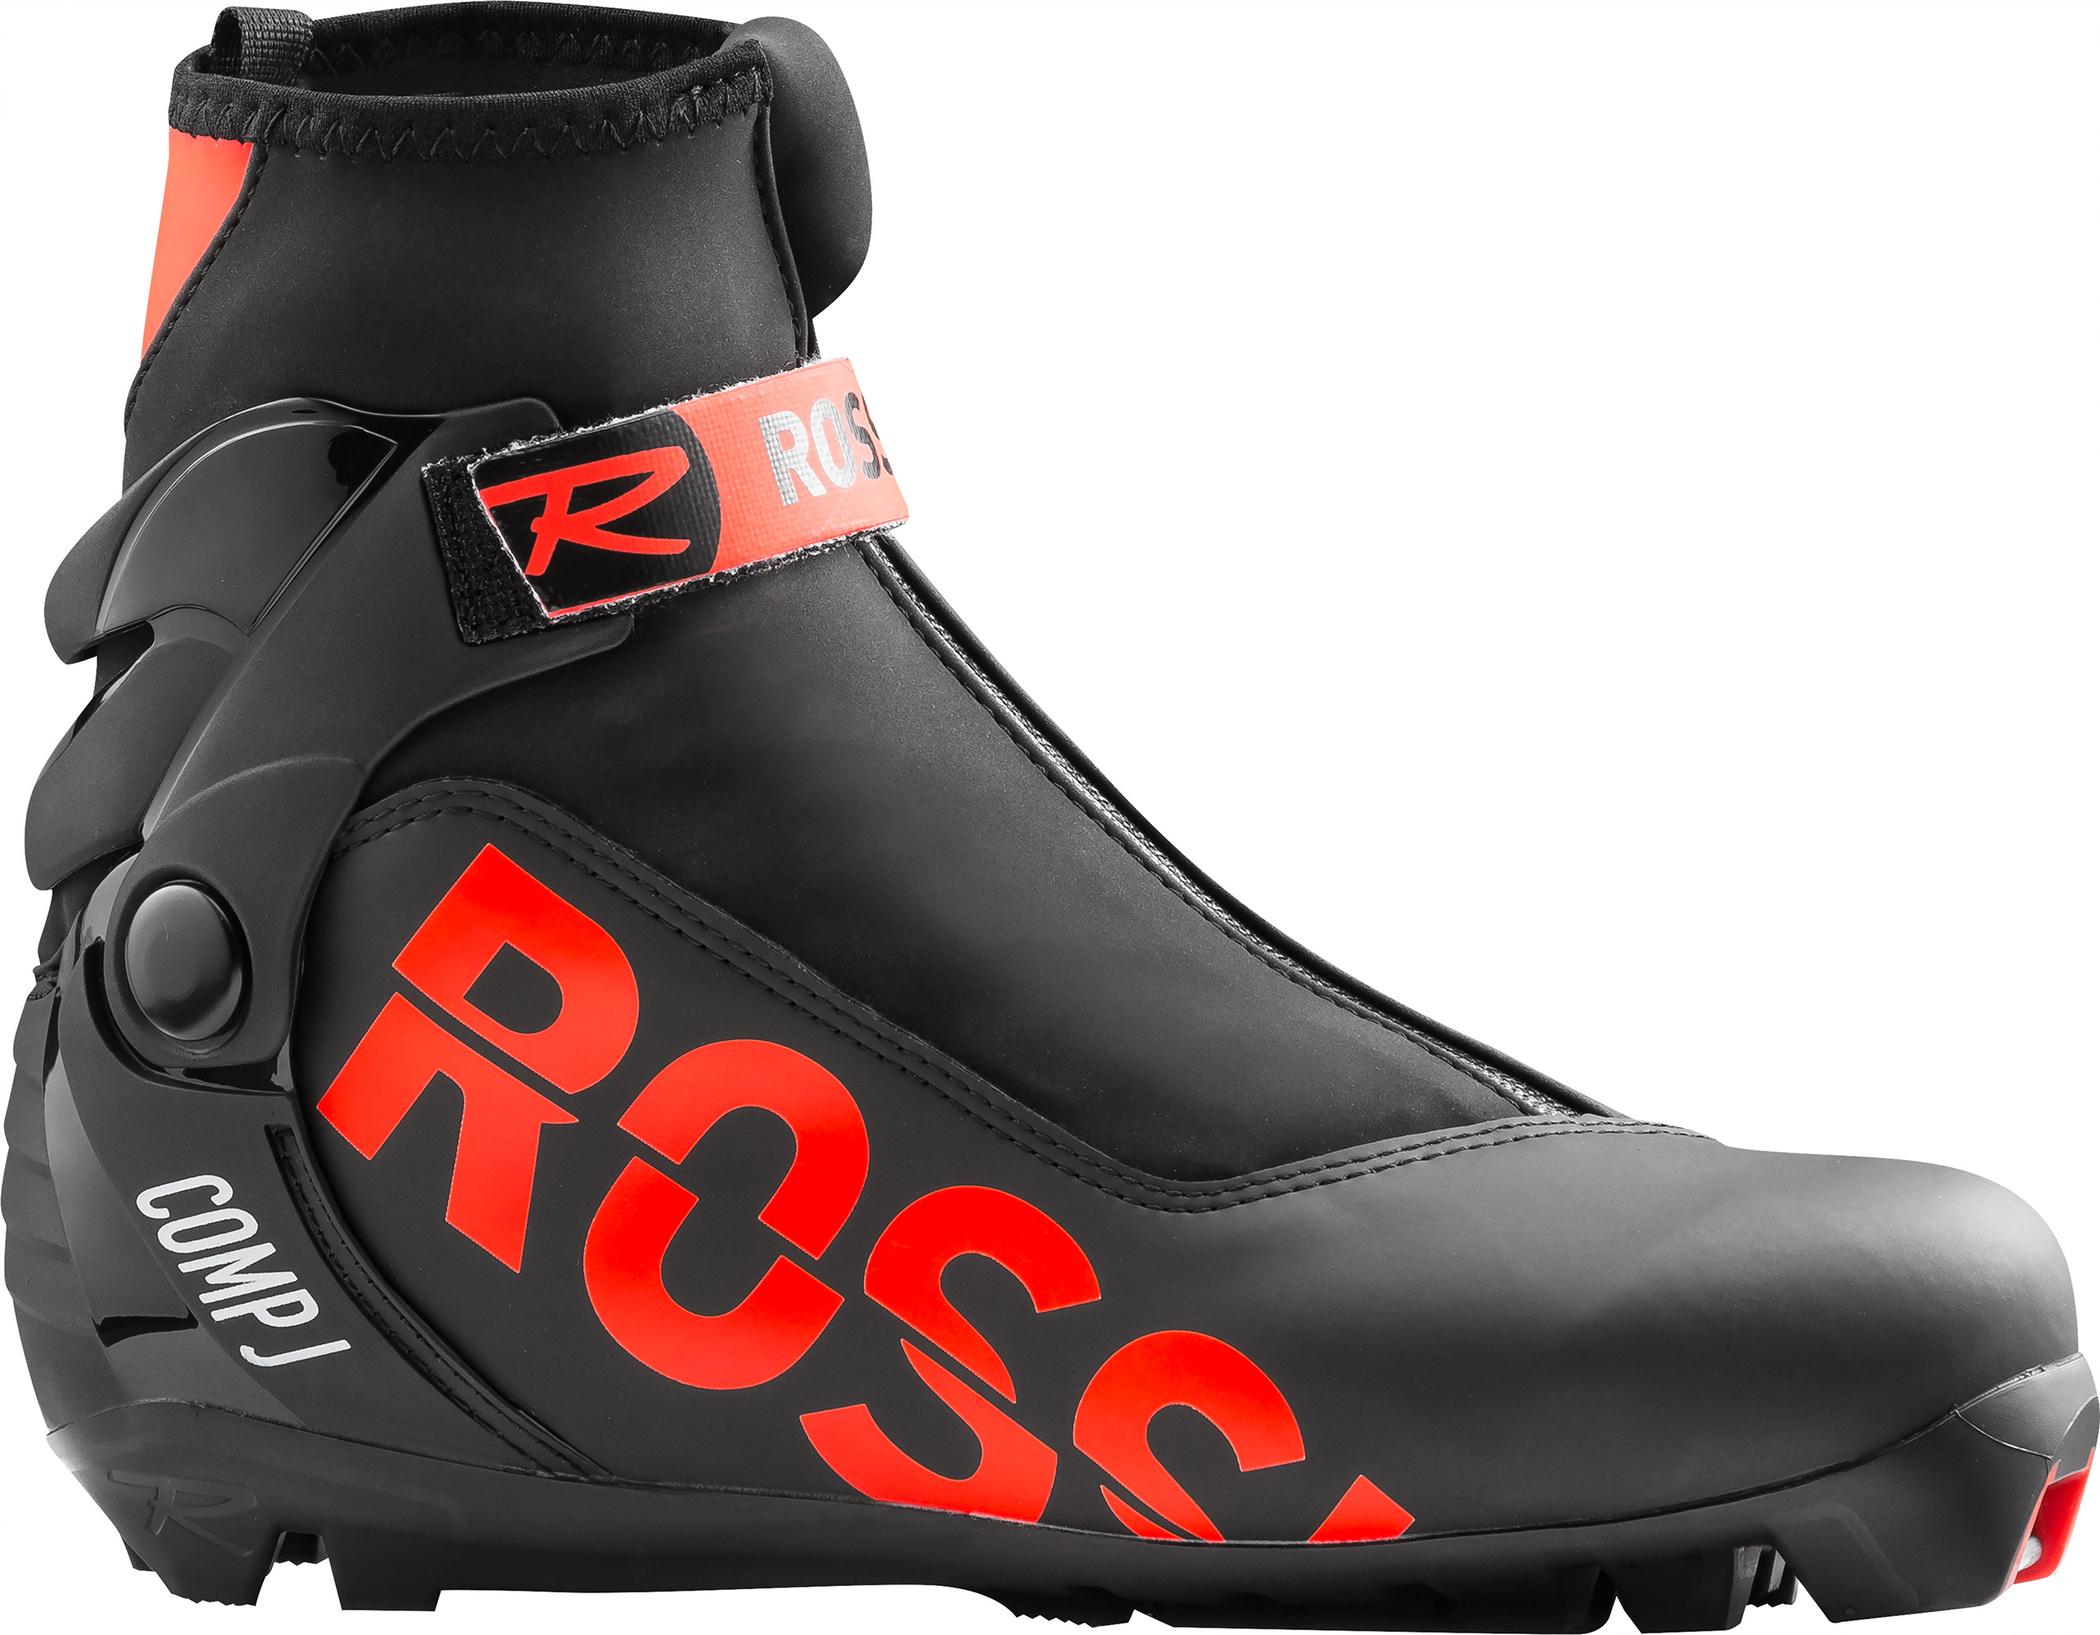 b4c47e9676b Dětské boty na běžky Rossignol Comp J - Skibi Kids